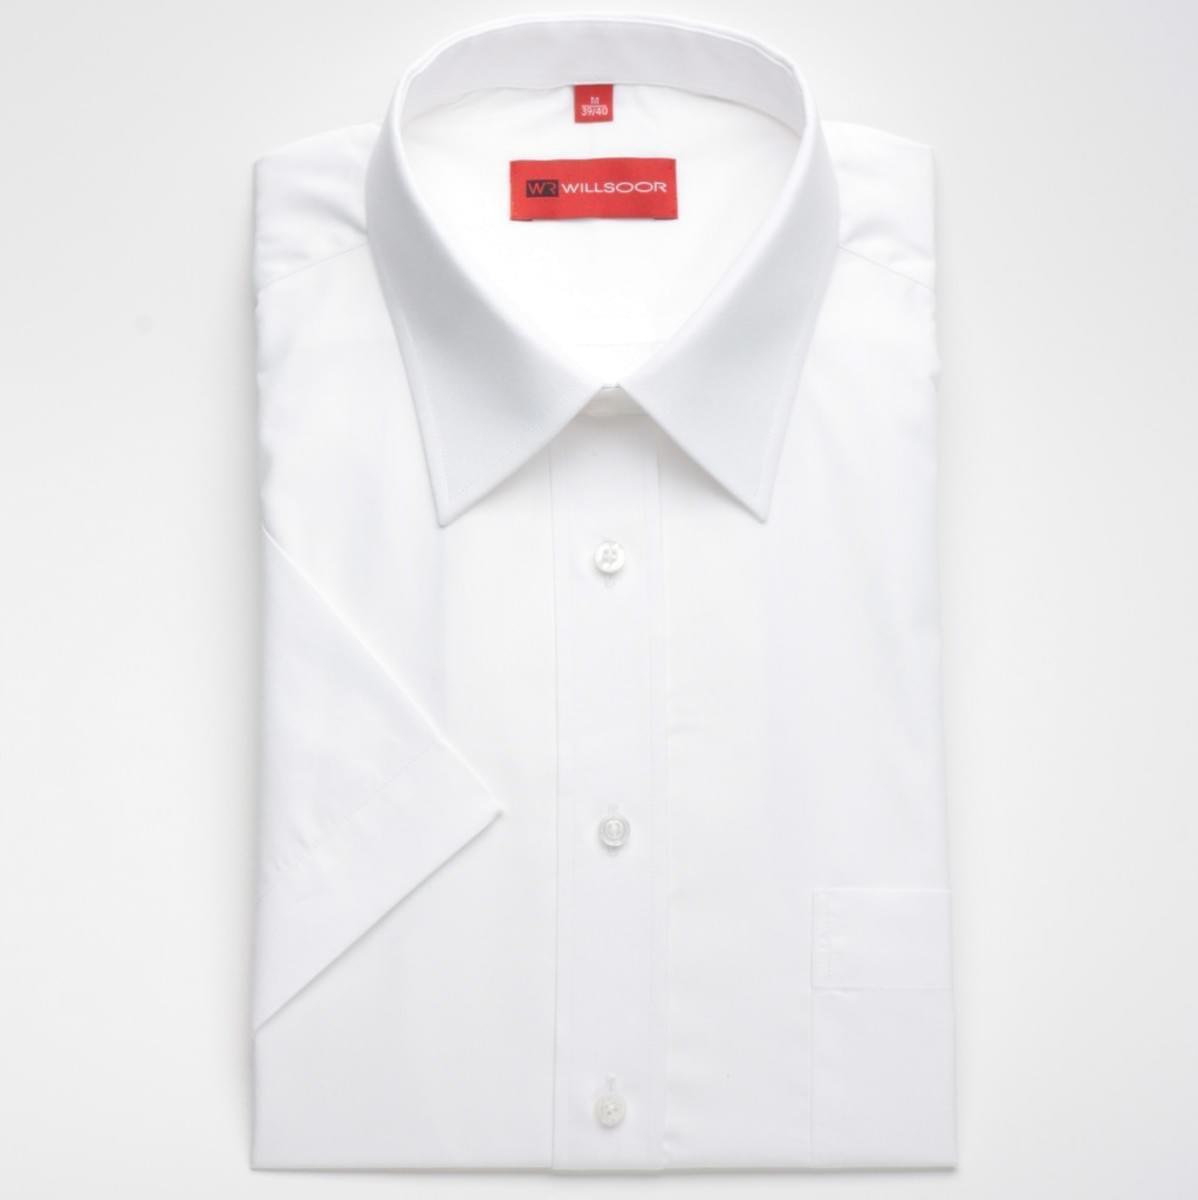 Pánska slim fit košele (výška 176/182) 604 s krátkym rukávom v biele farbe 176-182 / S (37/38)